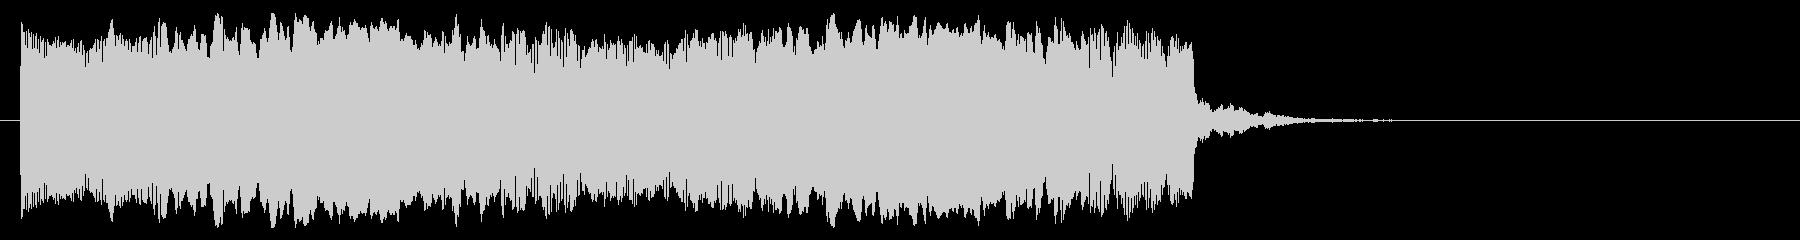 8bitパワーU-D-01-1_revの未再生の波形